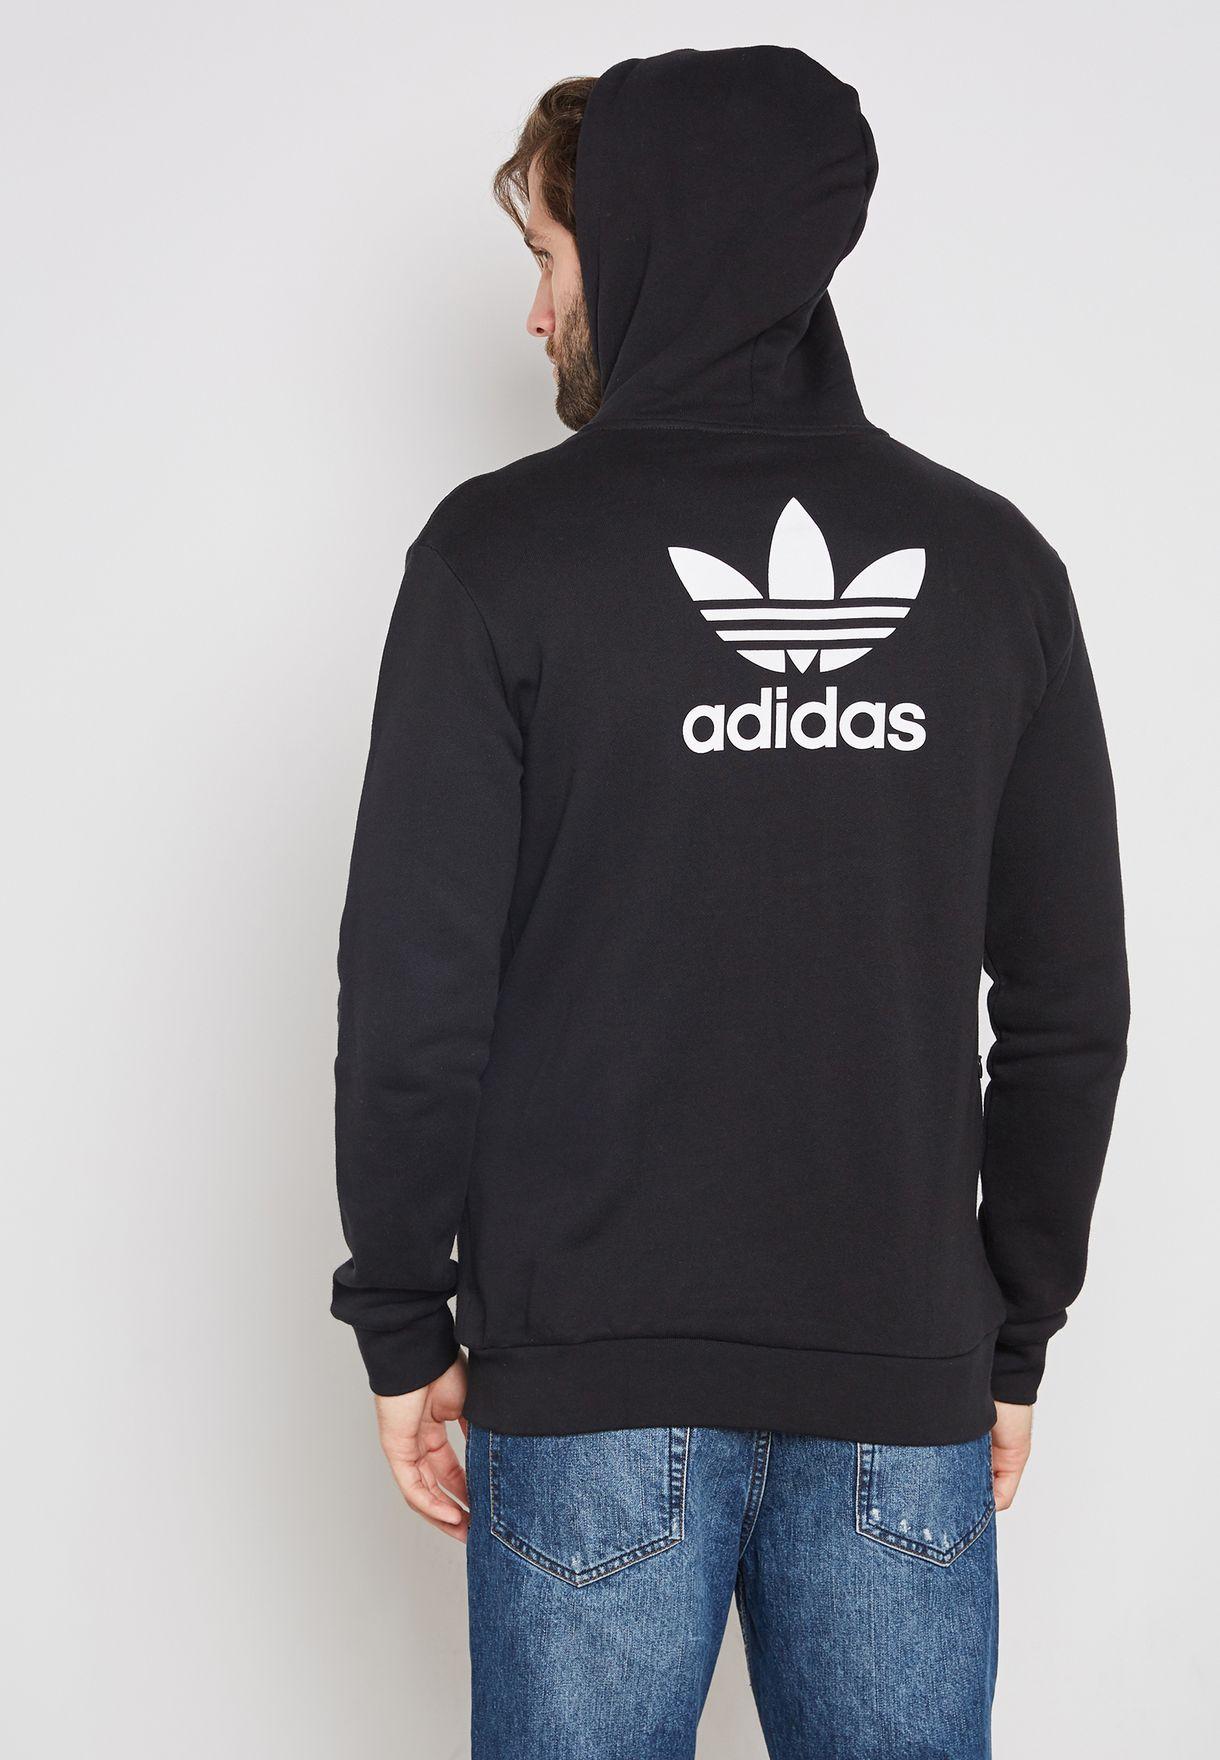 contacto impresión Dictadura  Buy adidas Originals black Trefoil Hoodie for Men in MENA, Worldwide |  DH5811